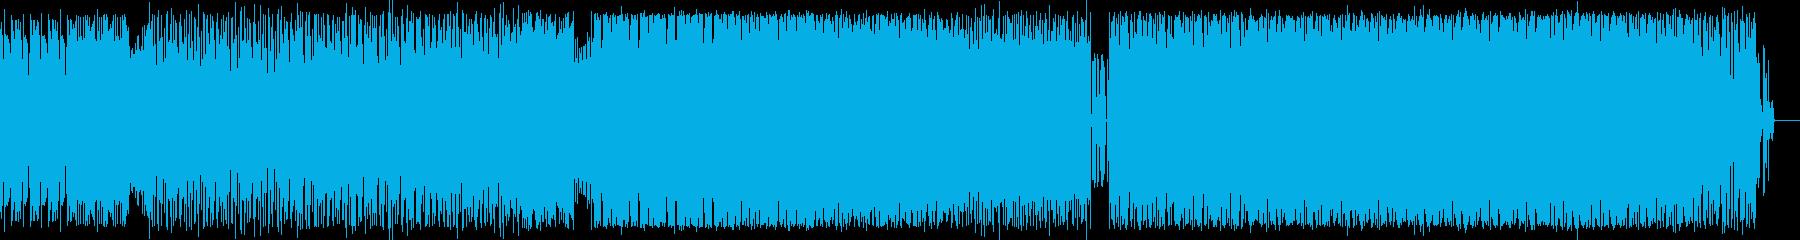 ダークなトランスの再生済みの波形